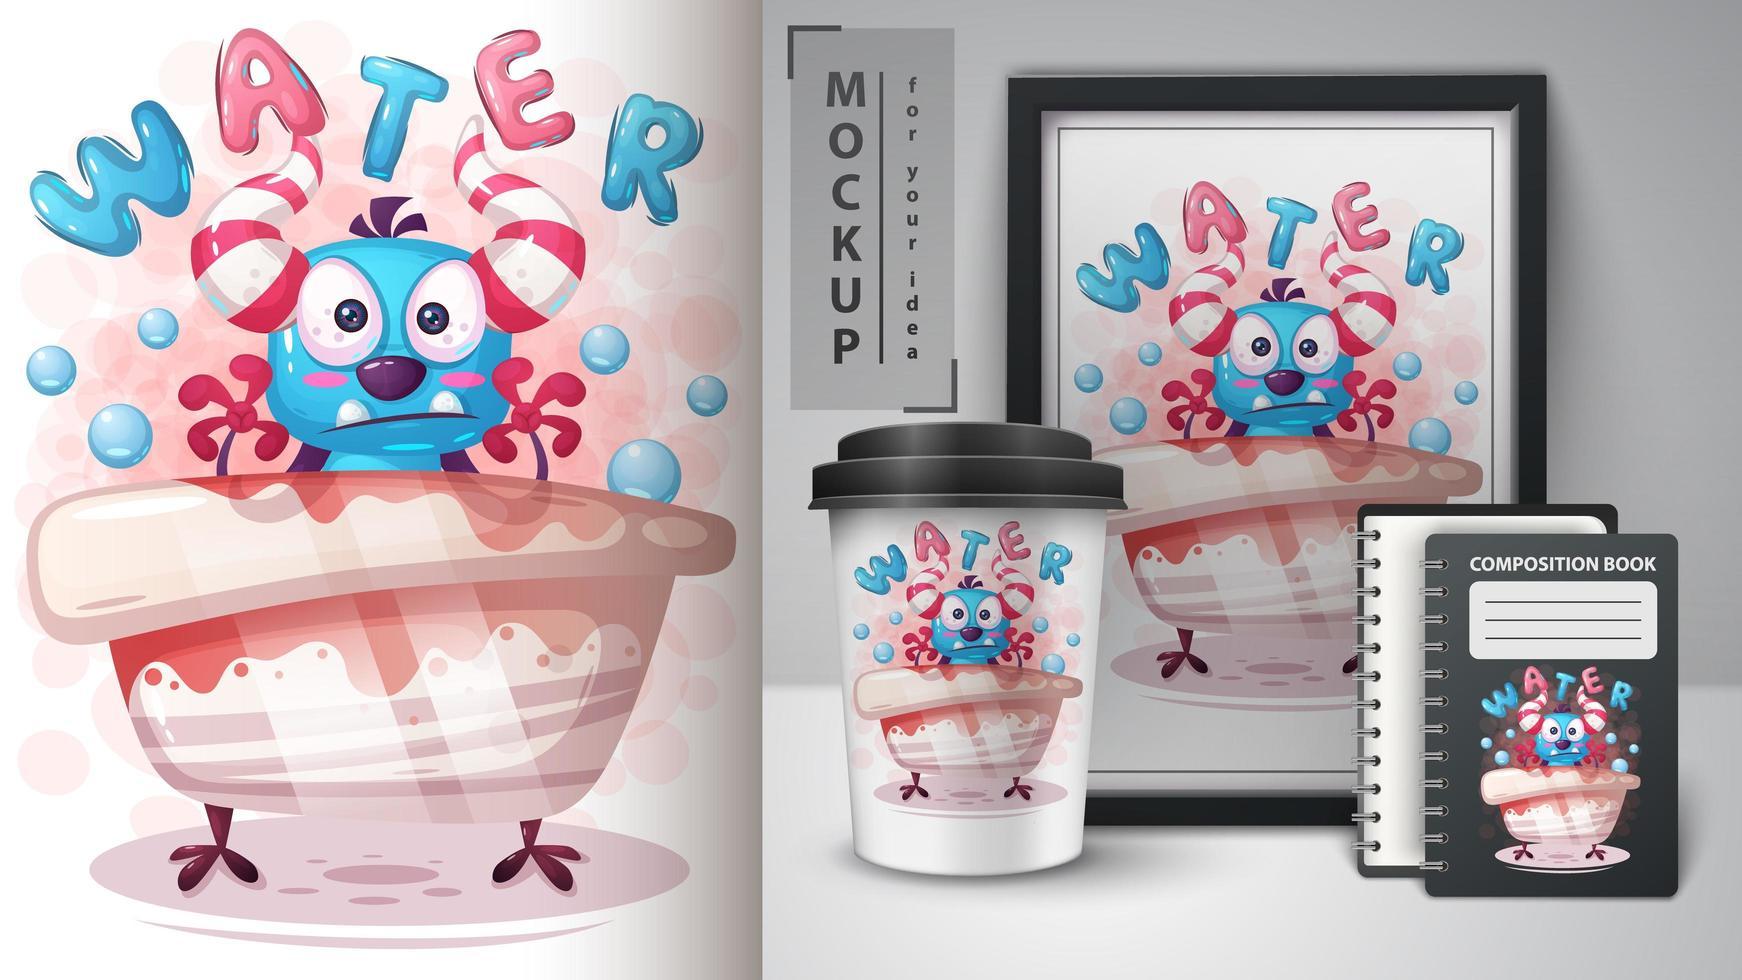 Water Monster in Bath Poster vector